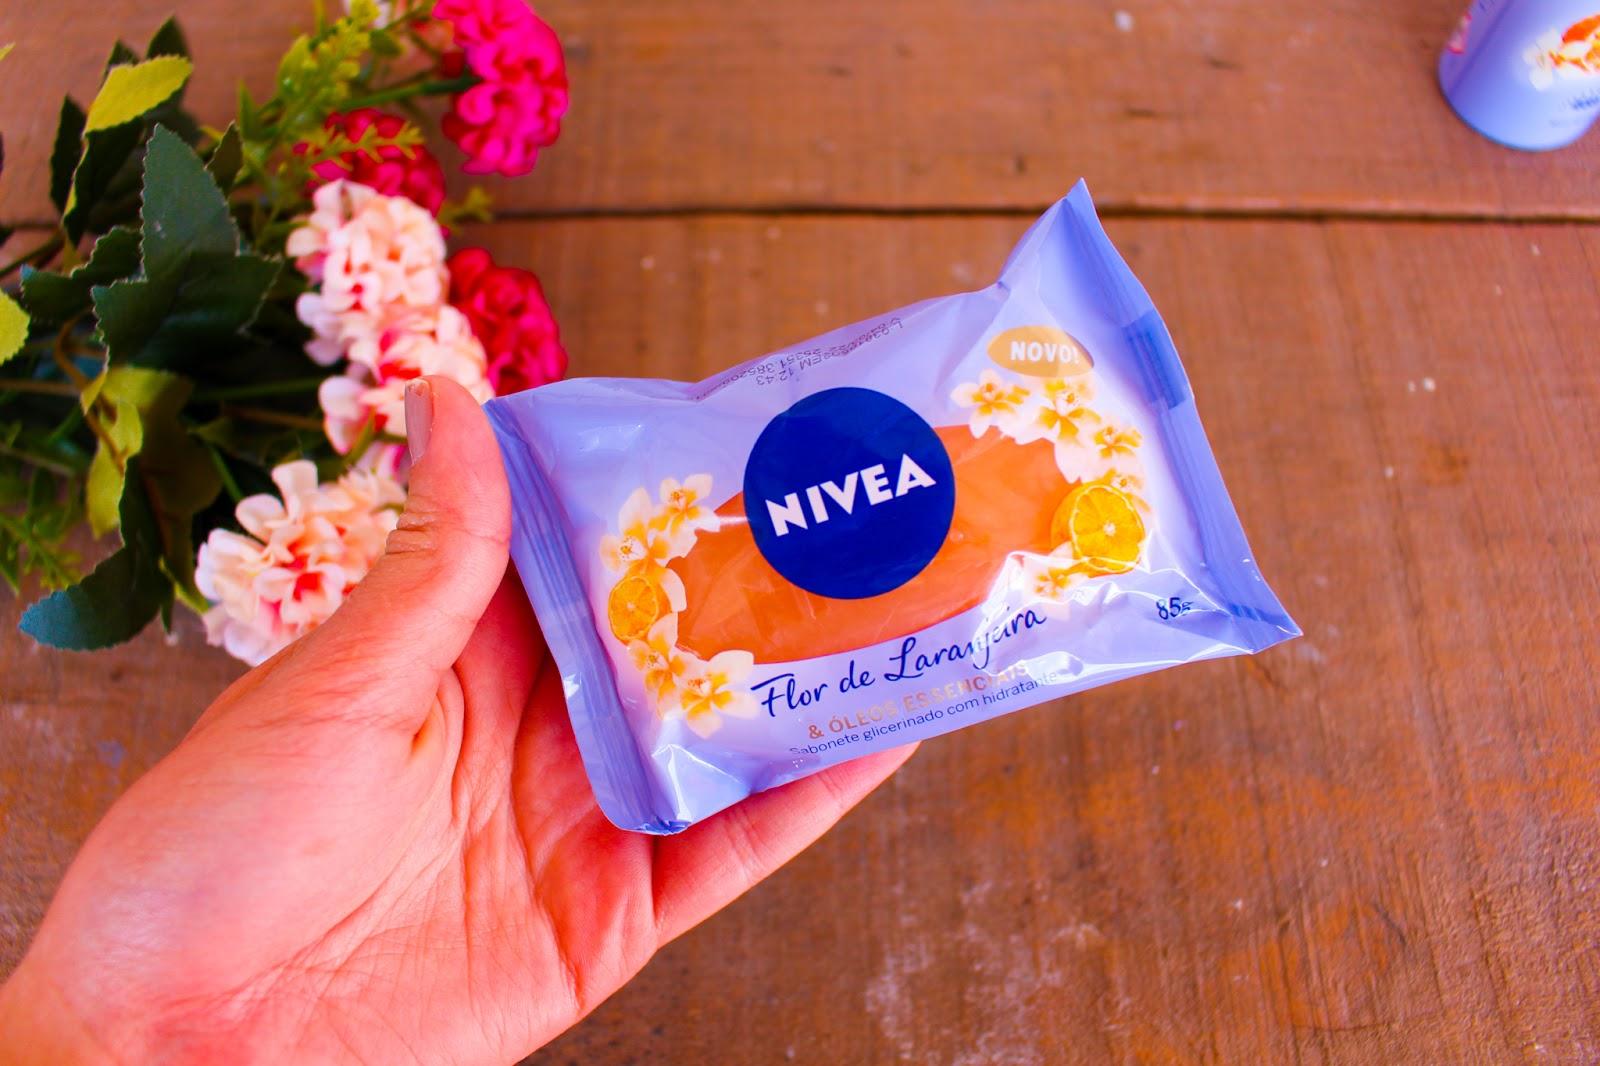 Novidades da NIVEA: Nova Linha Flor de Laranjeira